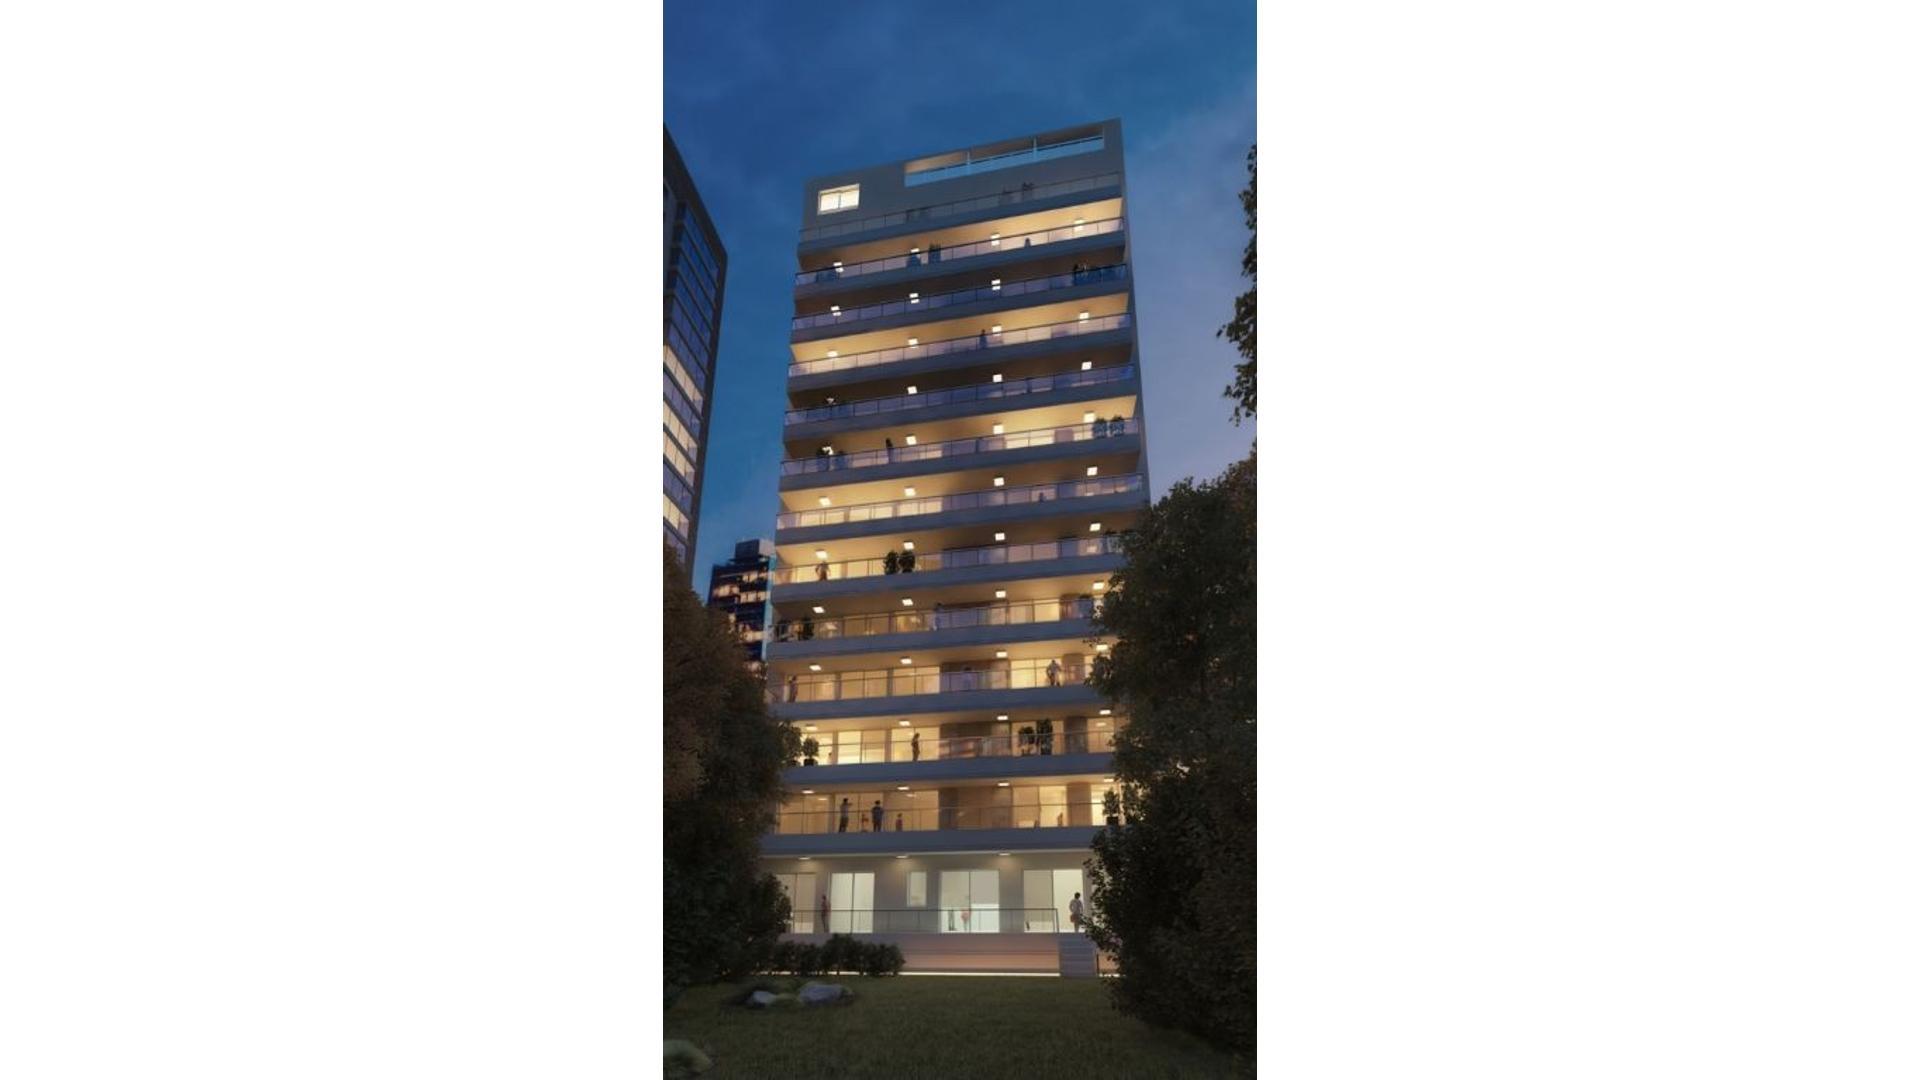 Departamento Semipiso  en Venta ubicado en Palermo, Capital Federal - MAD0980_LP114134_1